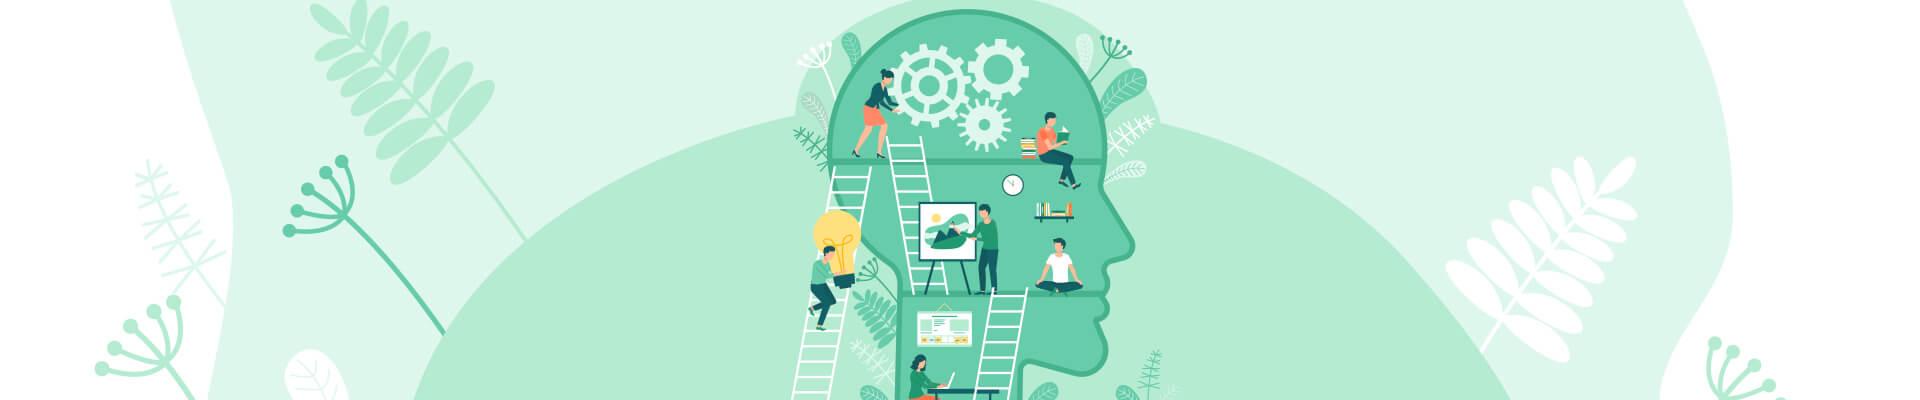 Inspiratie, cognitie si energie mentala